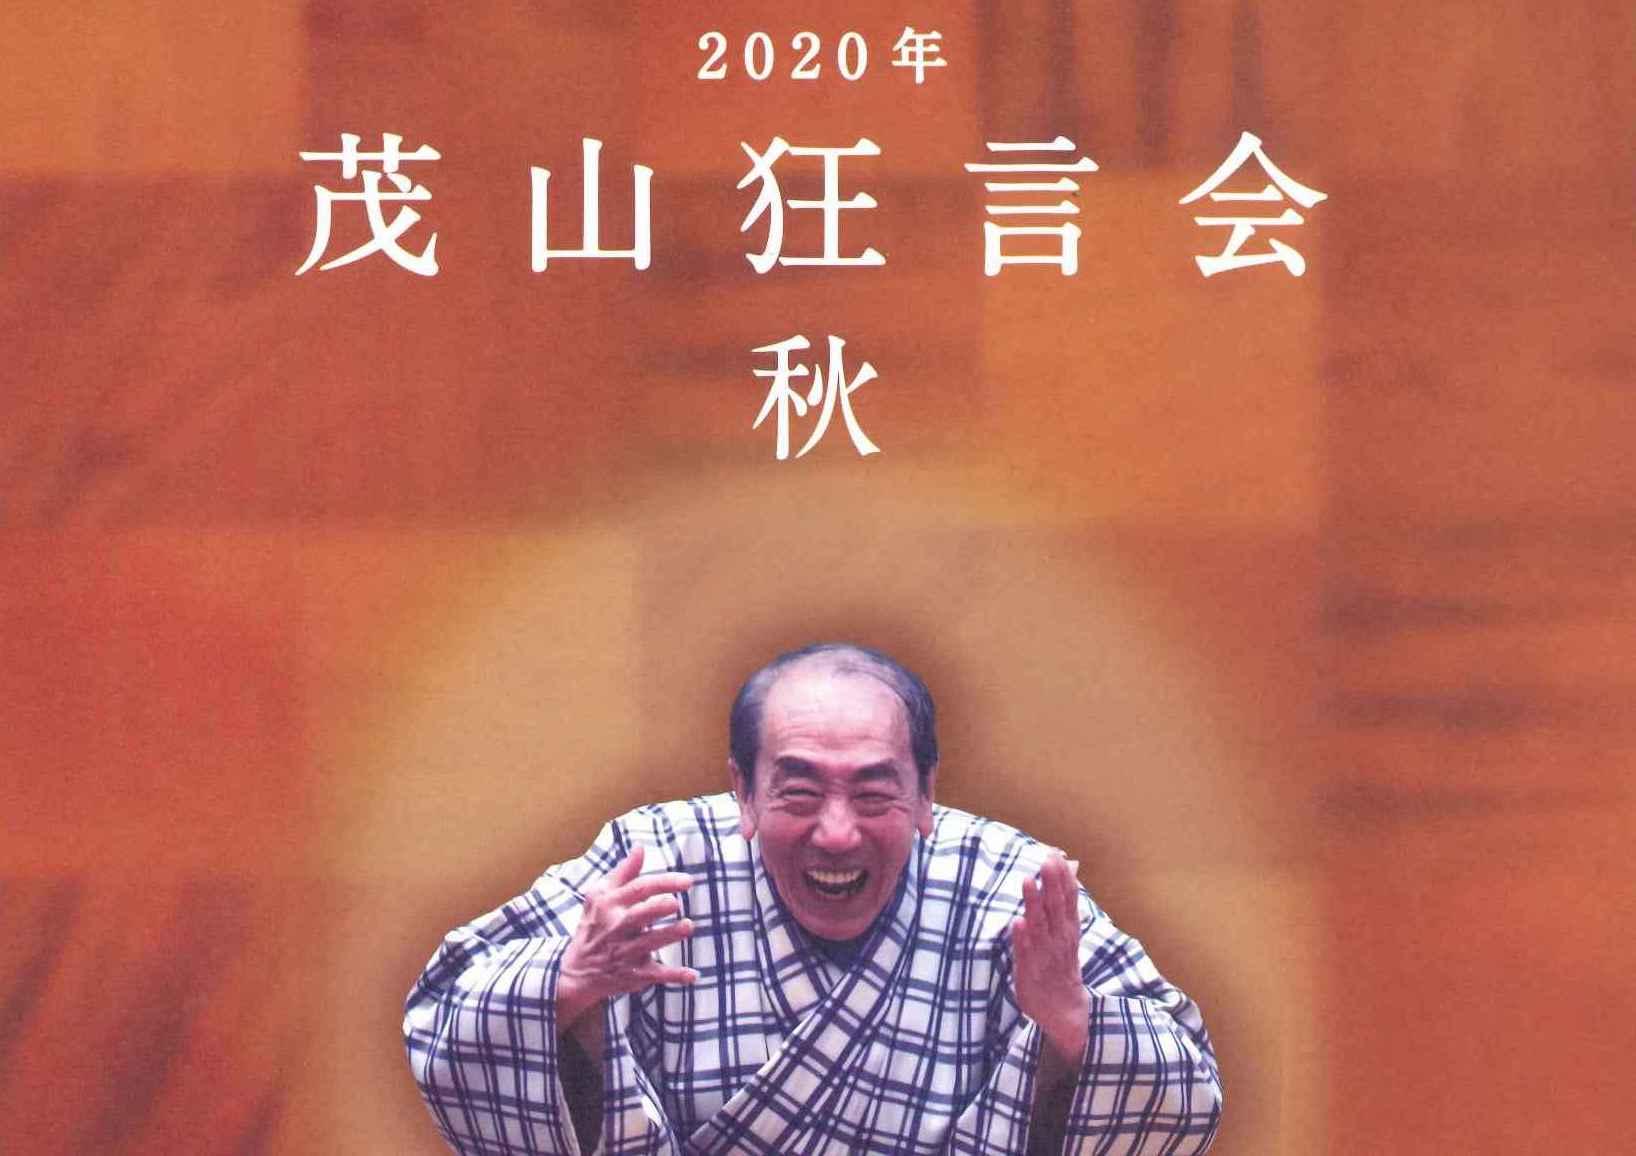 「茂山狂言会 秋」チケットの会員先行予約は明後日!